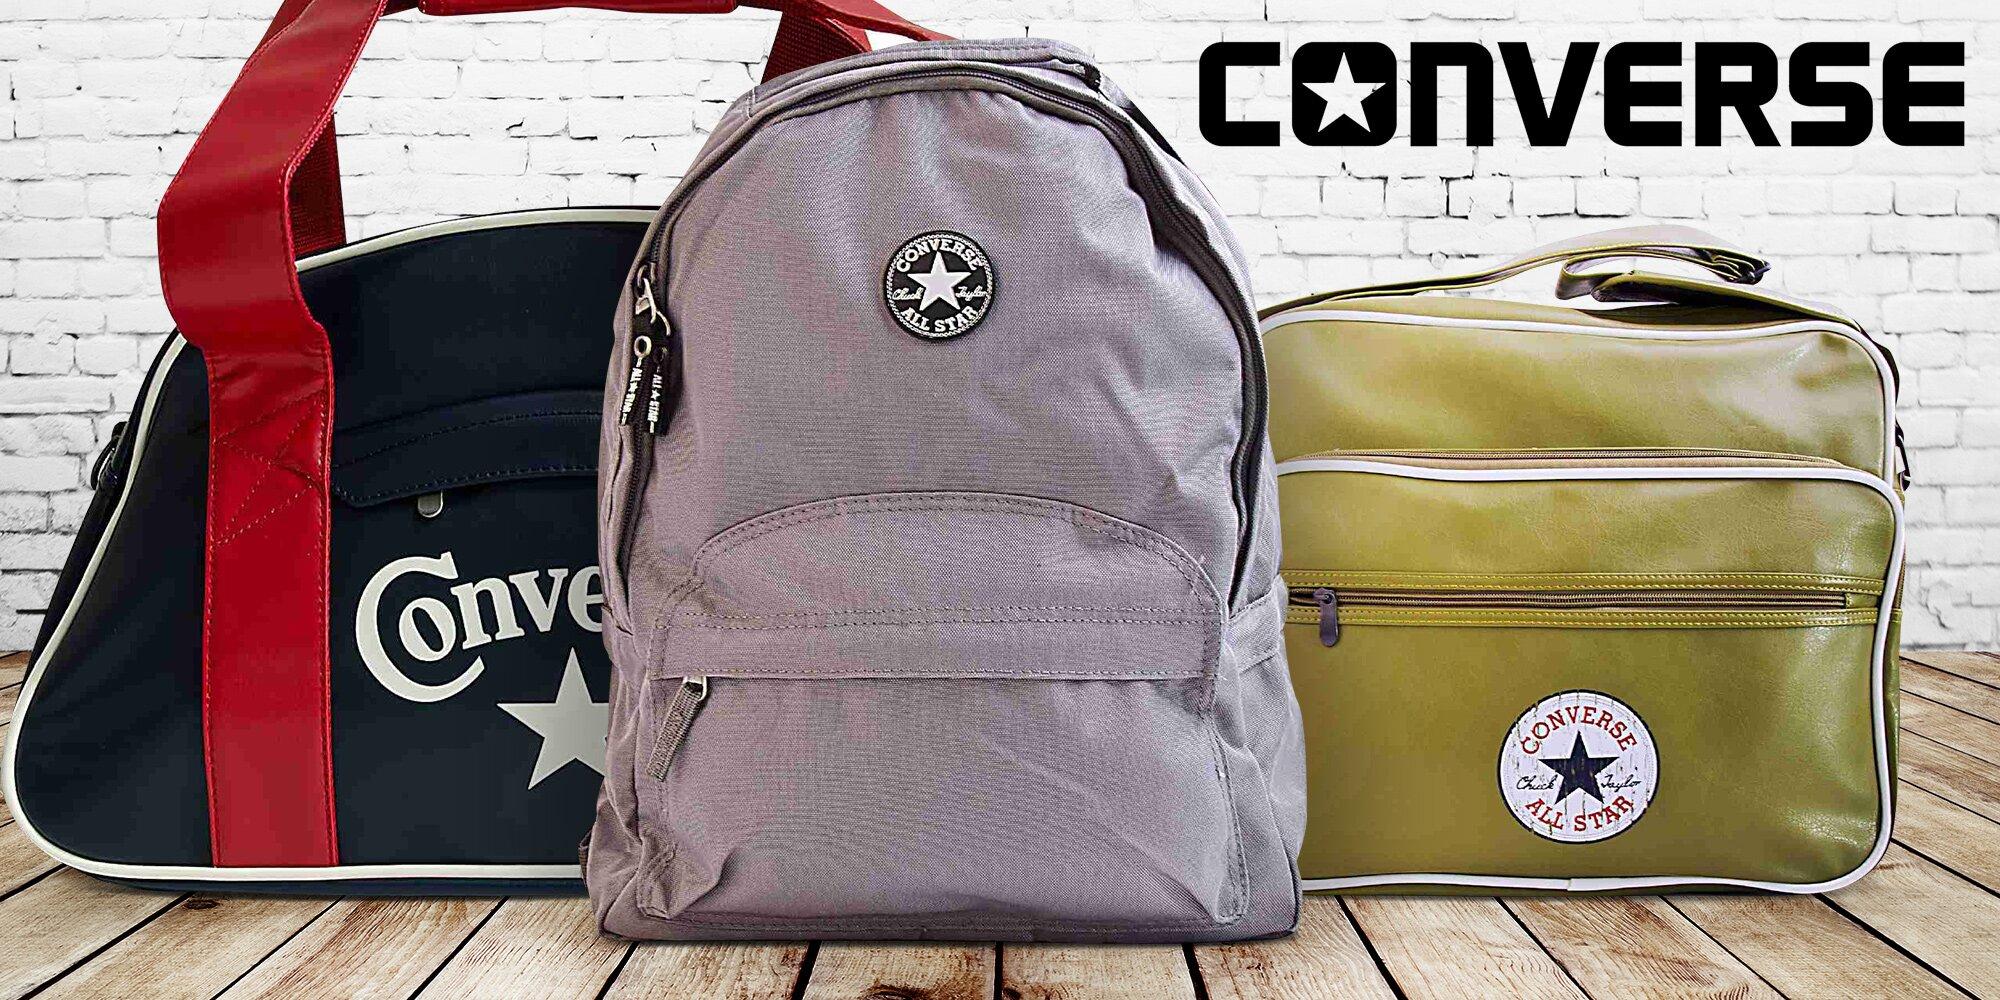 Sportovní tašky legendární značky Converse  8fc96c9322